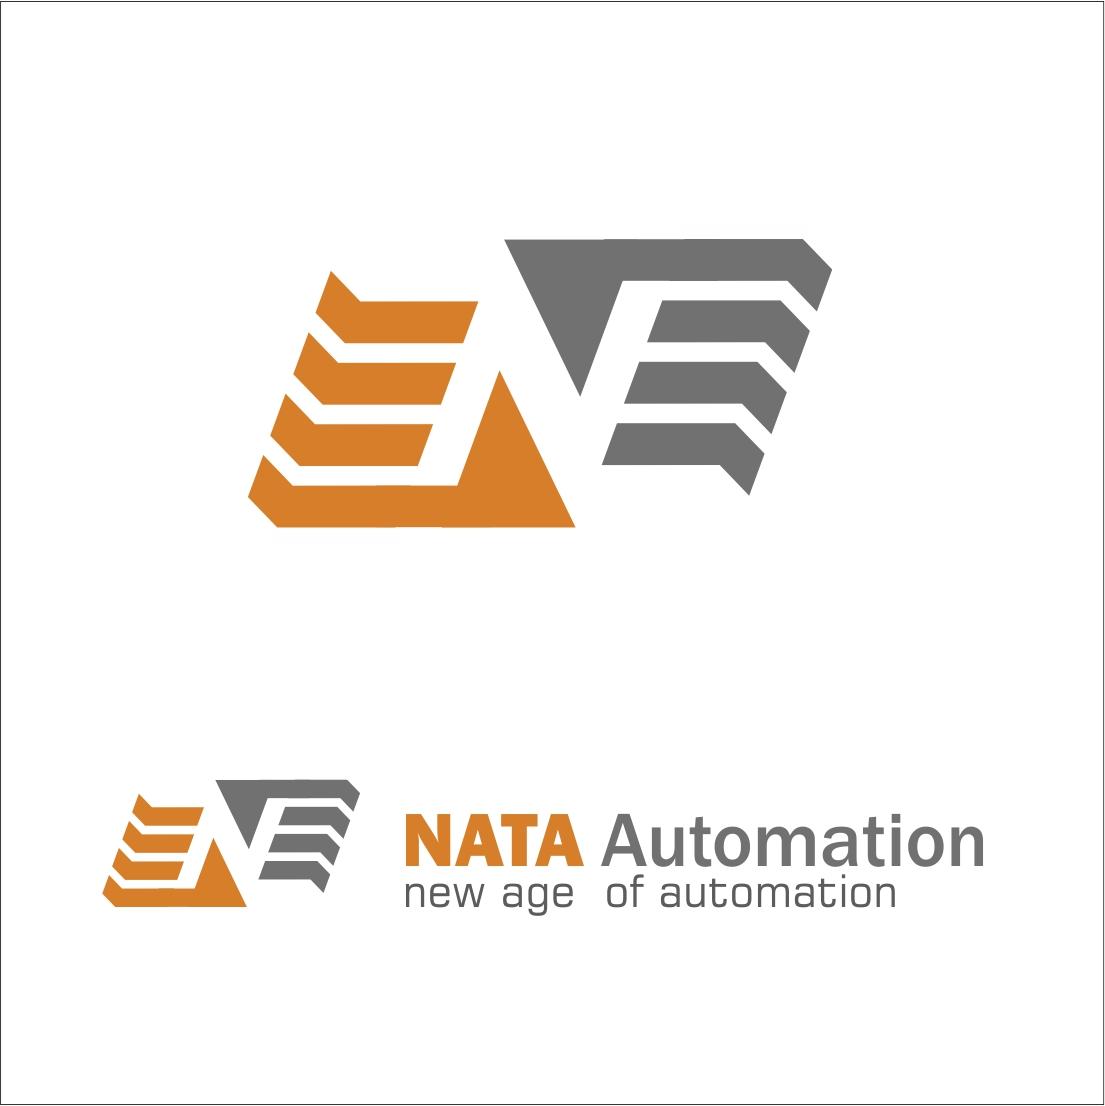 Разработать логотип, визитку, бланк для иностранной компании фото f_8285dc84b60db5f3.jpg